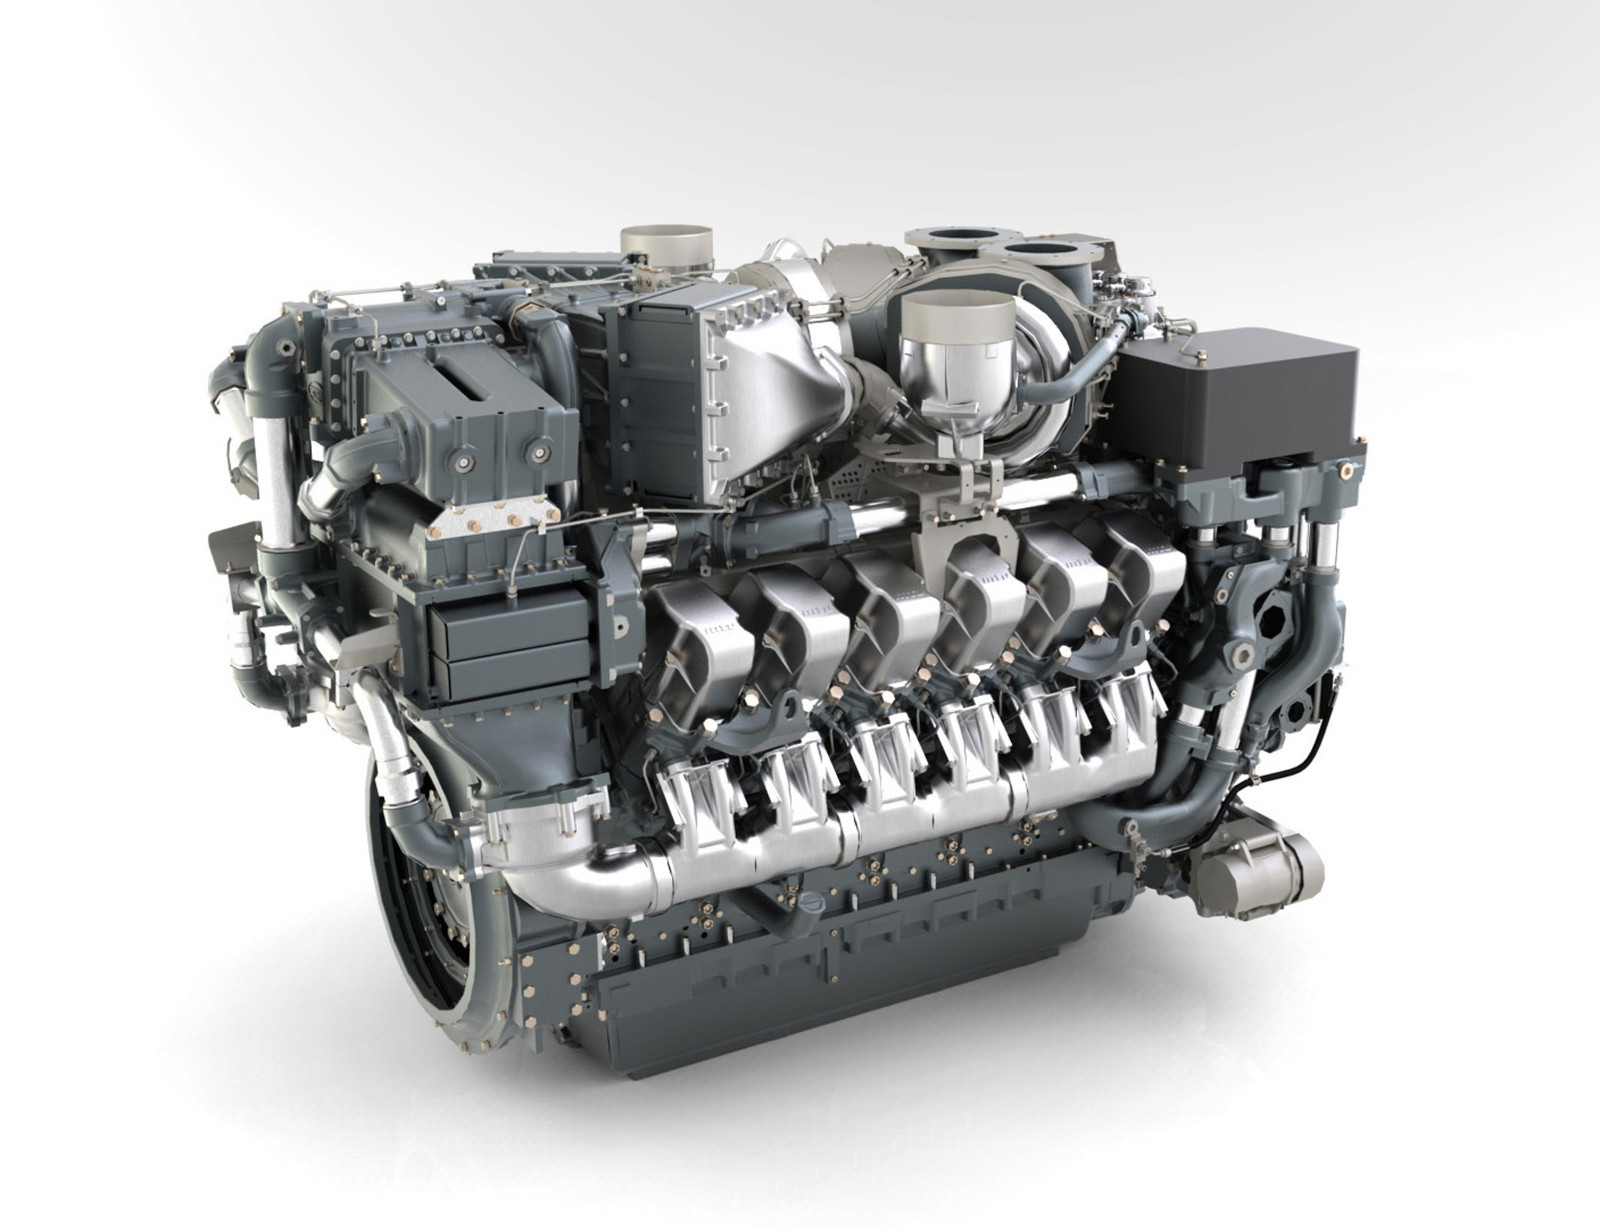 mtu 4000 series engine specifications-mtu 4000 series marine engines